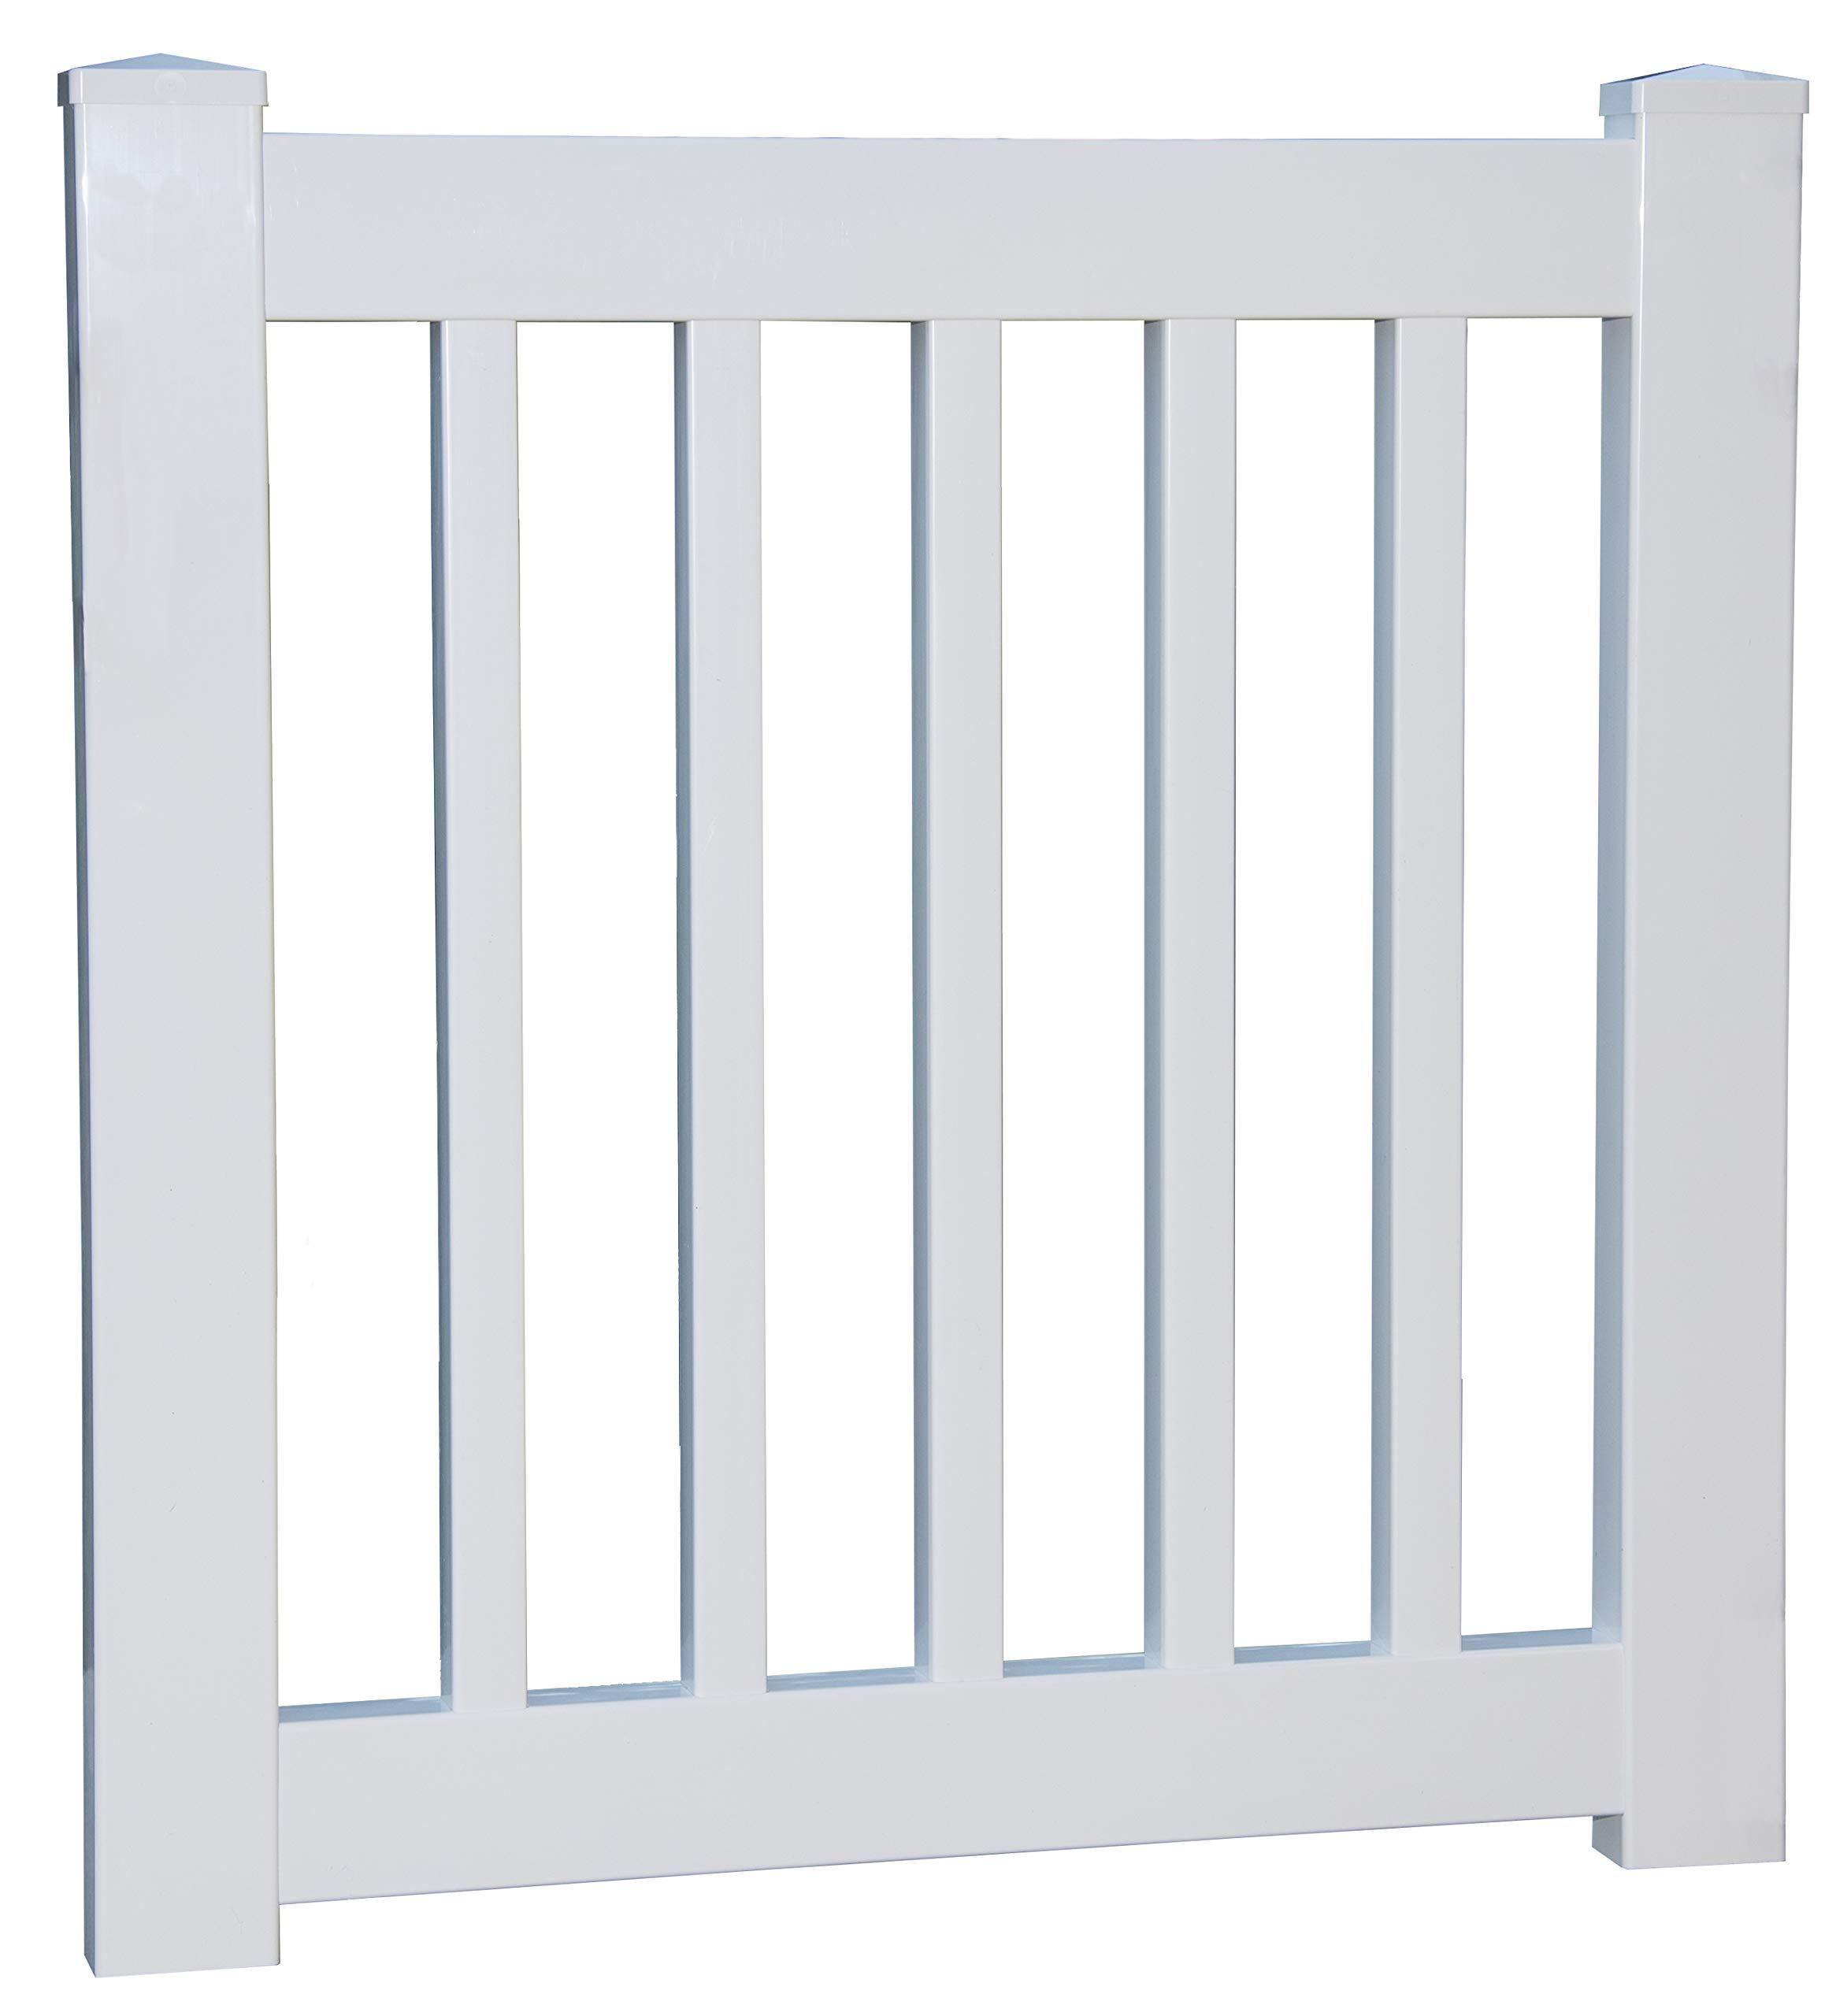 29'' to 34'' Wide X 36'' High White Vinyl Picket Gate - Deck - Porch - Garden Gate